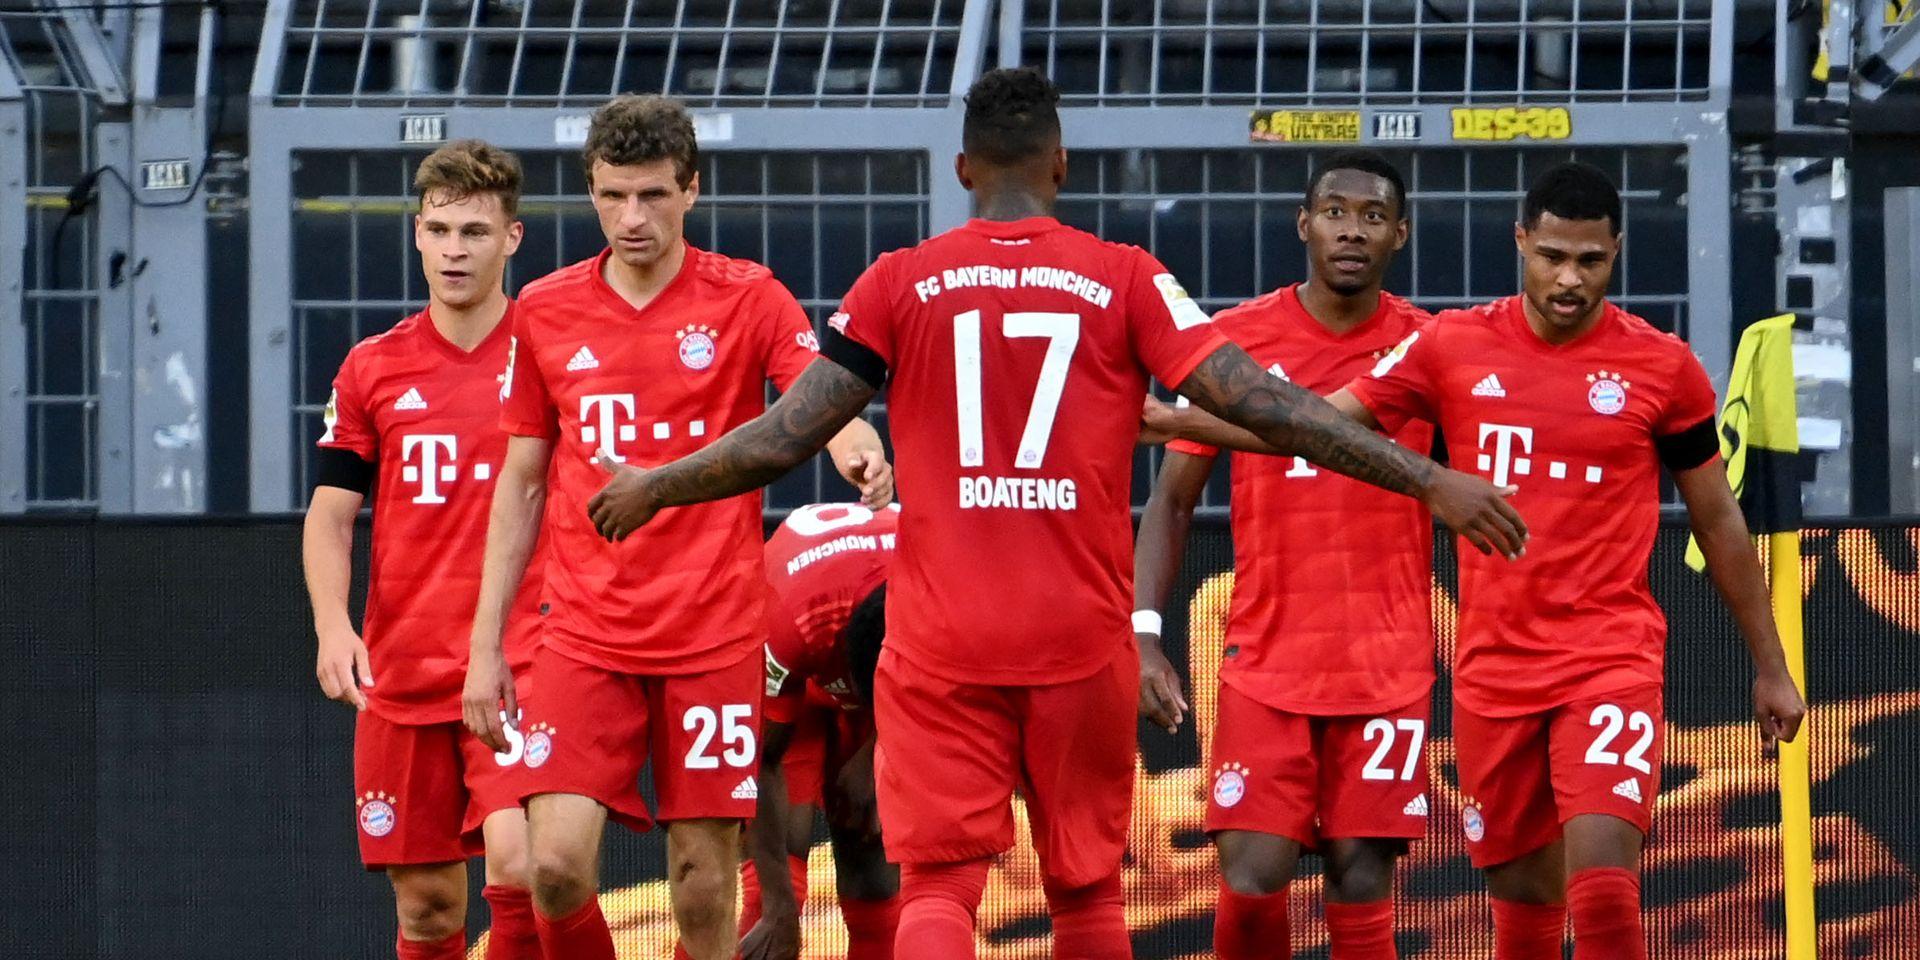 تشكيلة بايرن ميونيخ,تشكيلة بايرن ميونيخ أمام فورتونا دوسلدورف,بايرن ميونيخ أمام فورتونا دوسلدورف,بايرن ميونيخ VS فورتونا دوسلدورف,بايرن ميونيخ في مواجهة فورتونا دوسلدورف,بايرن ميونيخ ضد فورتونا دوسلدورف,تشكيلة بايرن ميونيخ في الدوري الألماني,بايرن ميونيخ,تشكيلة بايرن أمام فورتونا دوسلدورف,تشكيلة بايرن في مواجهة فورتونا دوسلدورف,تشكيلة بايرن,